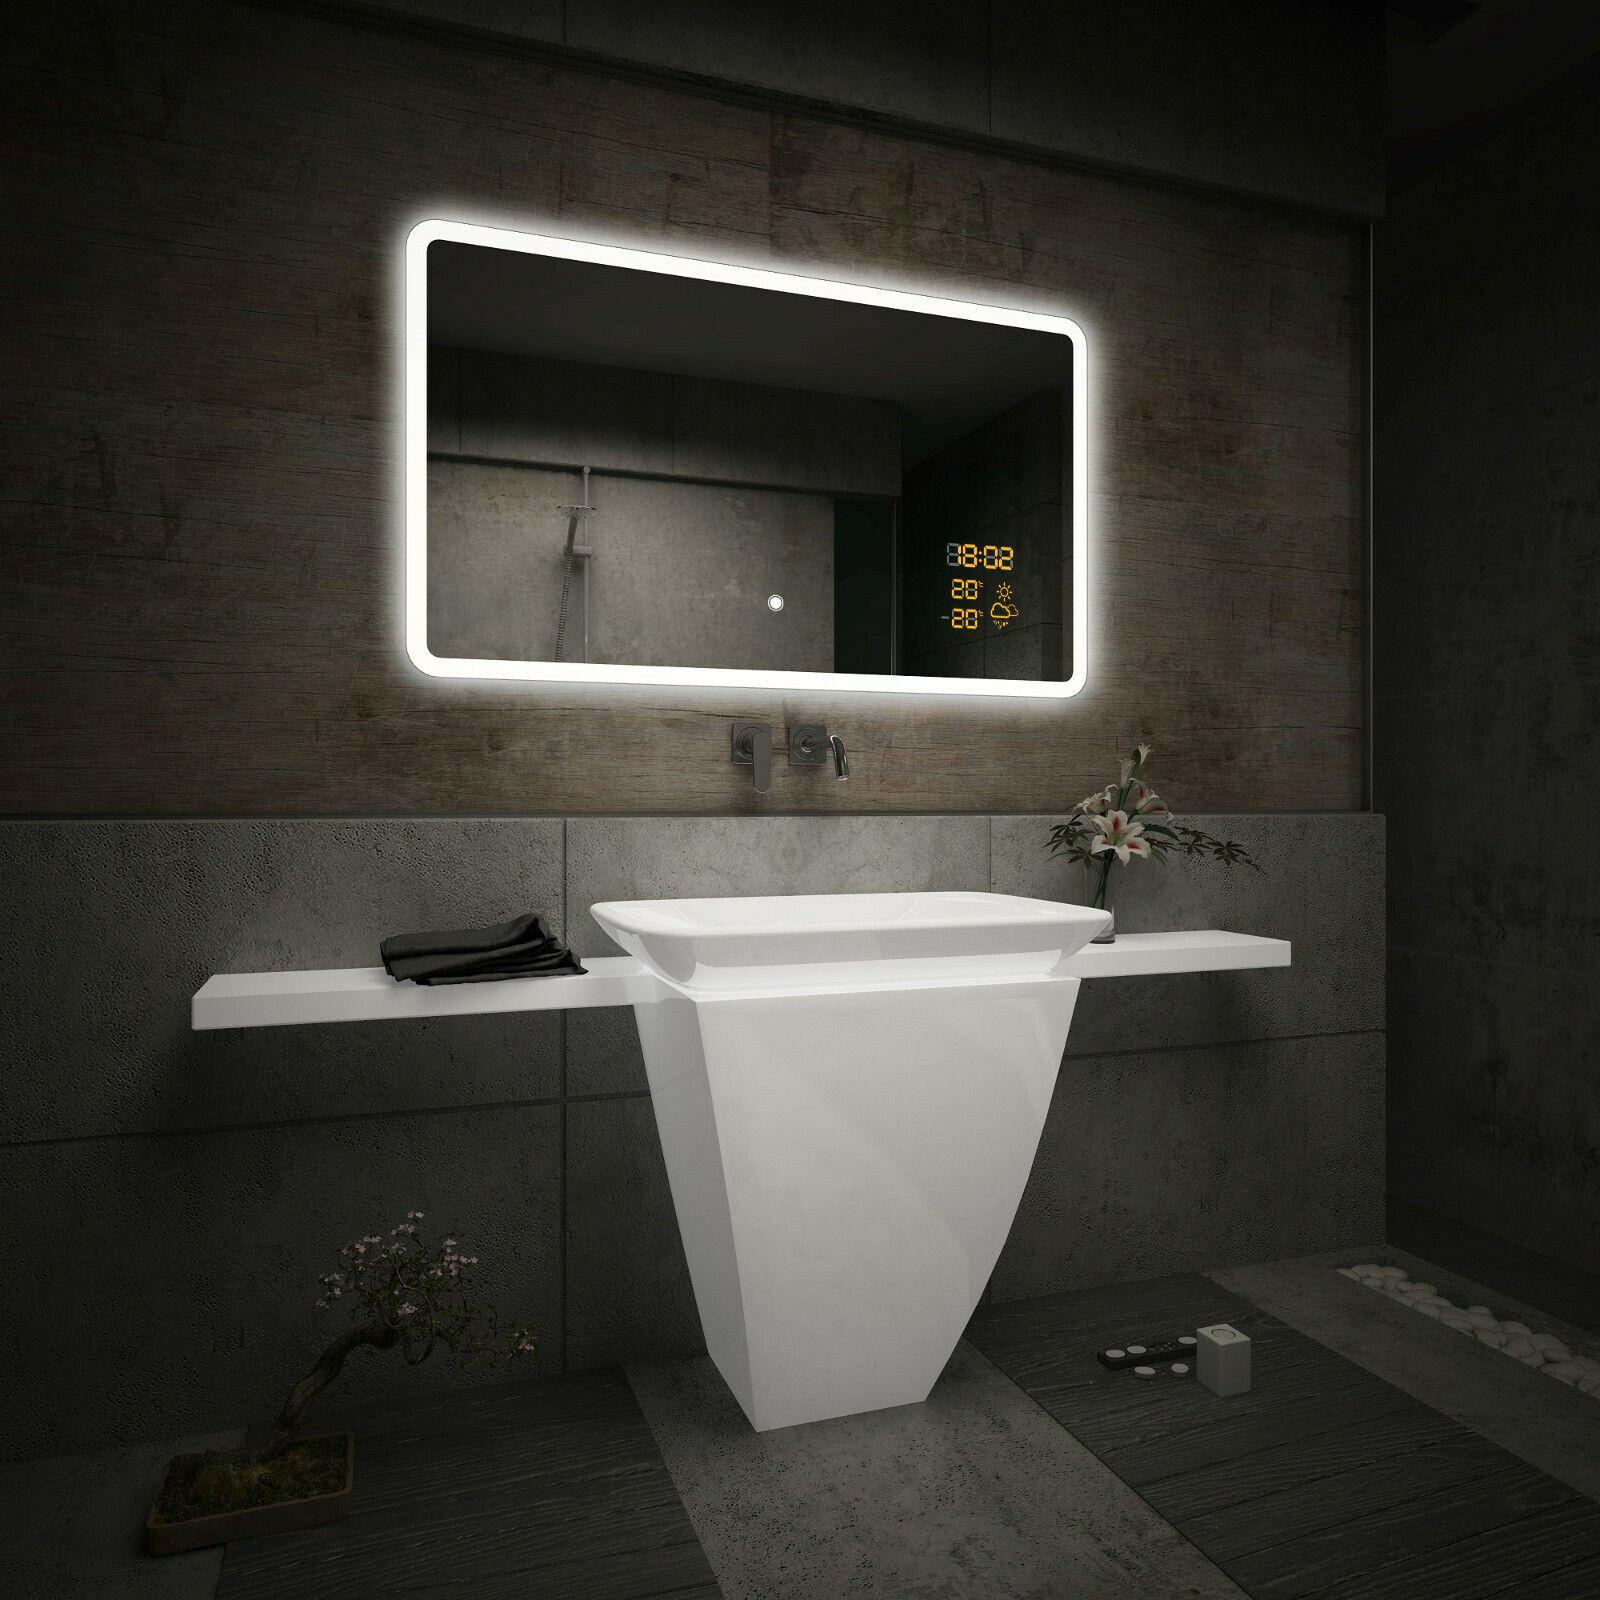 Badspiegel Mit LED Beleuchtung | Schalter Zu Wählen | LED Uhr U0026  Wetterstation S2